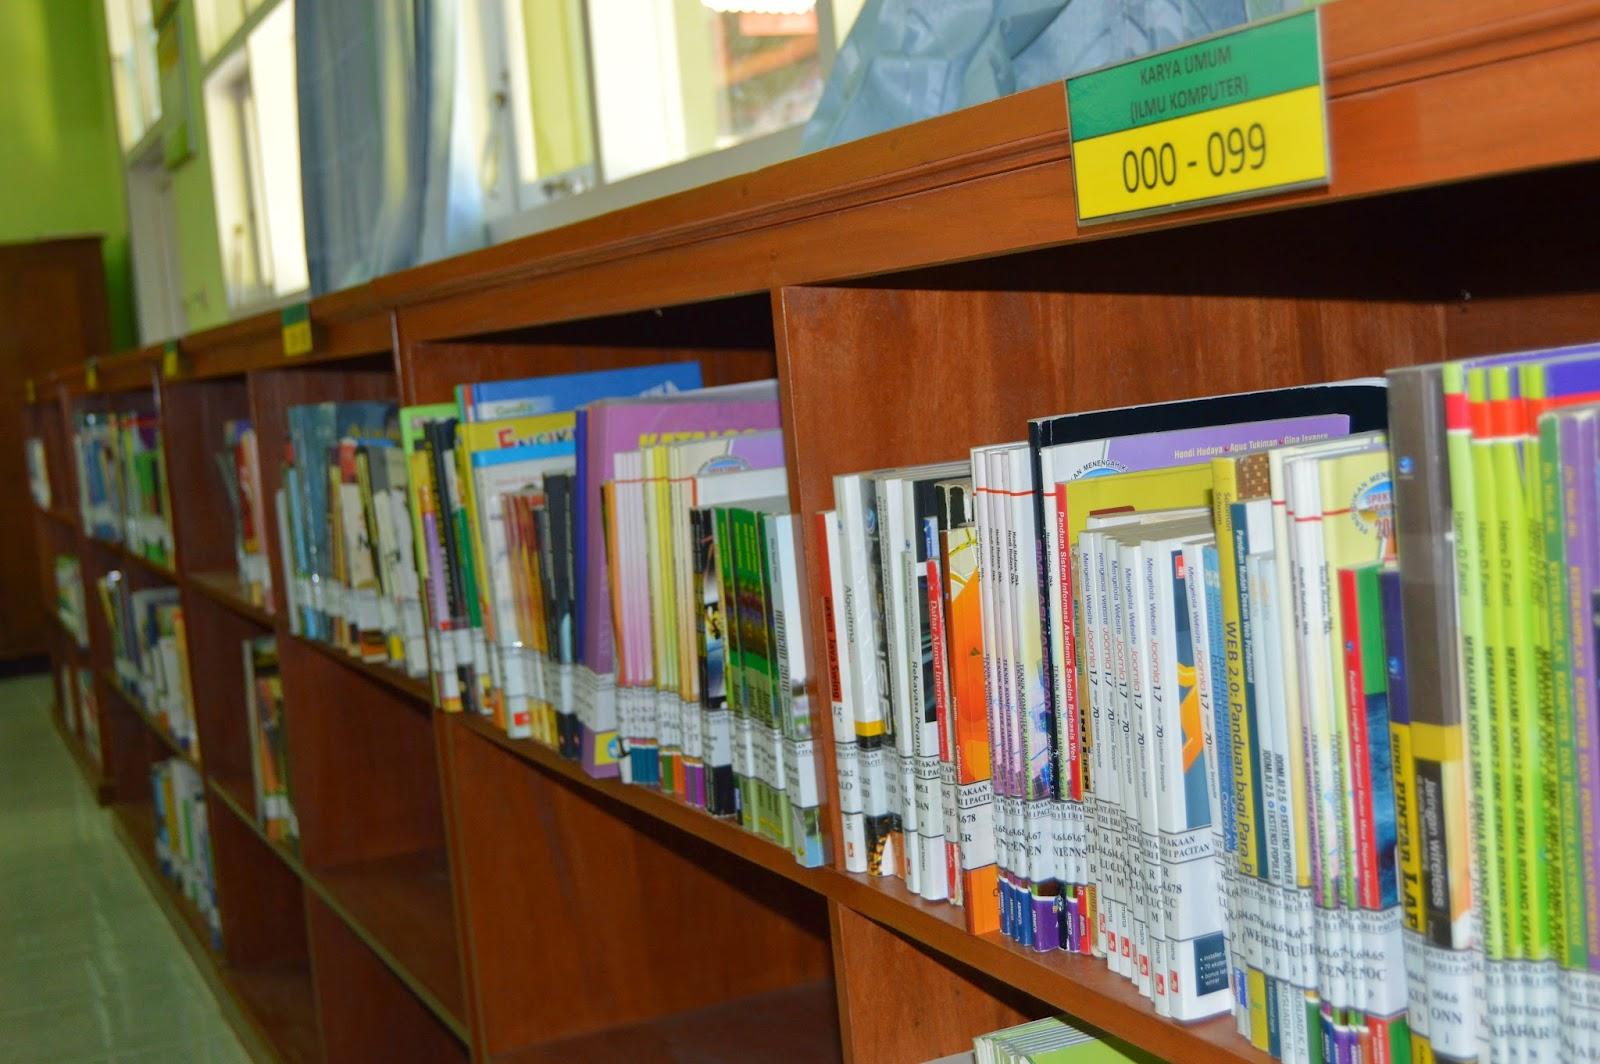 Buku Perpustakaan SMP 2017 , DAK SMP 2017,Koleksi Buku di Perpustakaan Sekolah SMP,jual Buku Perpustakaan SD/SMP